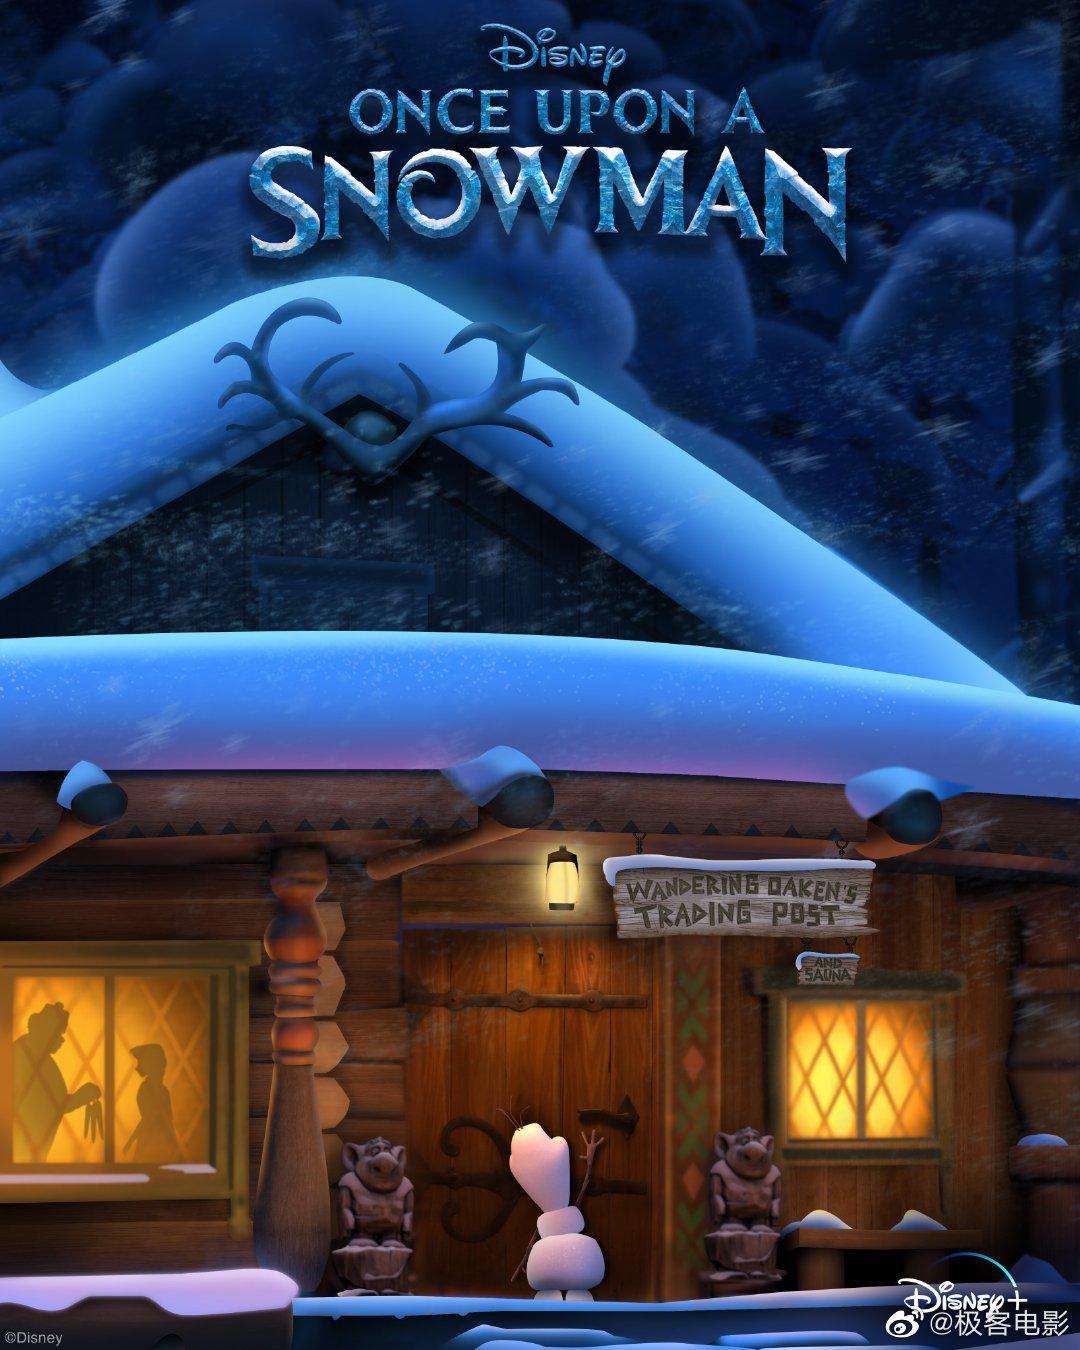 《雪人往事》发布了新的4张海报!